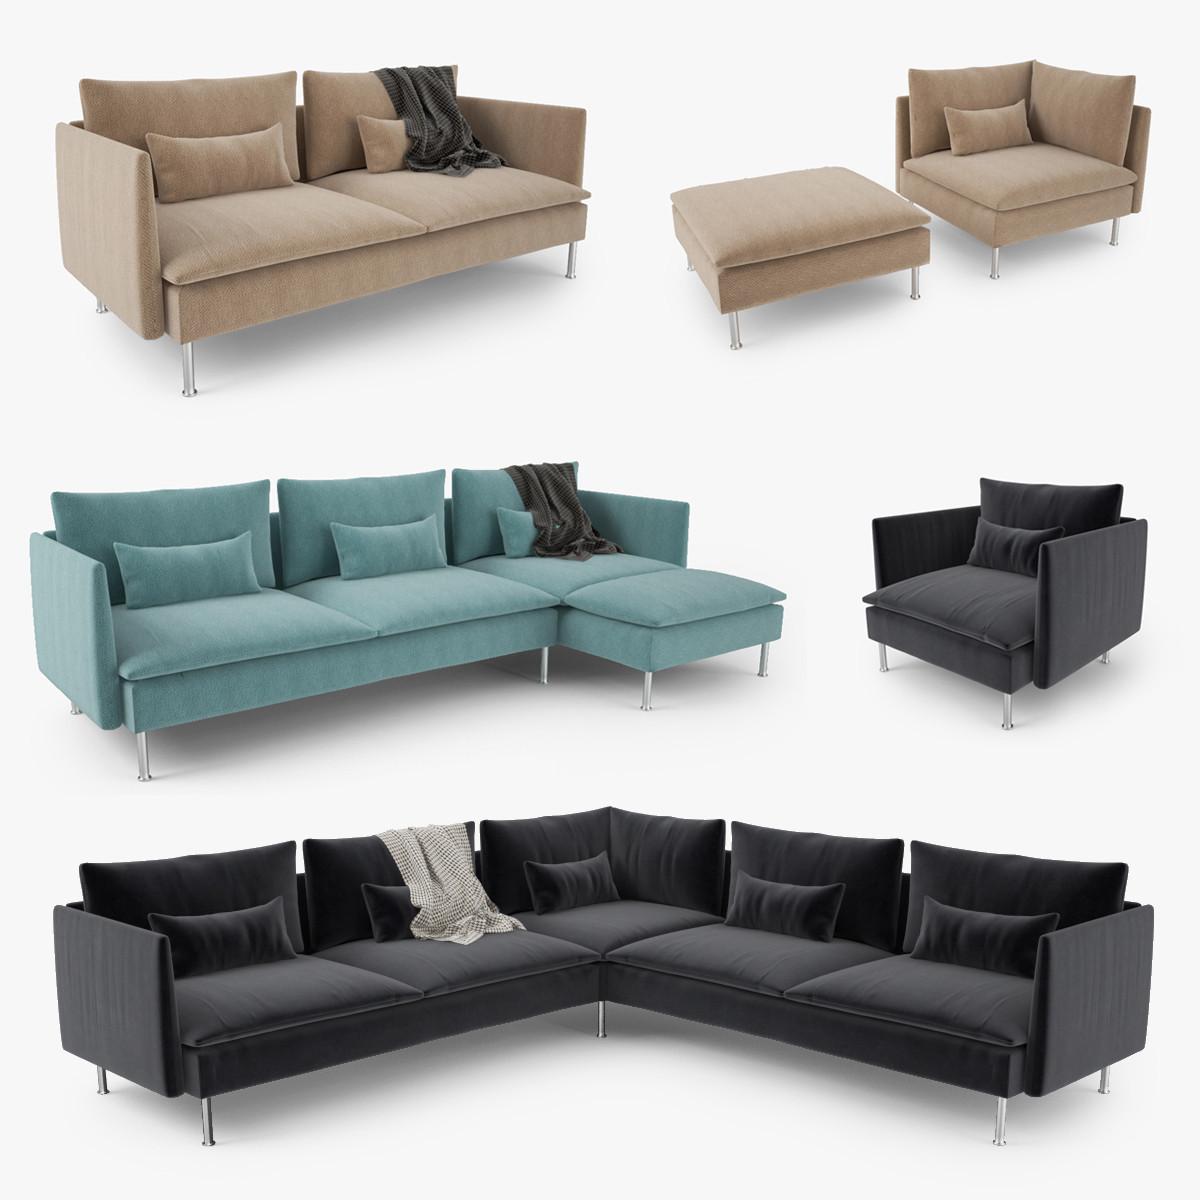 ikea soderhamn. Black Bedroom Furniture Sets. Home Design Ideas